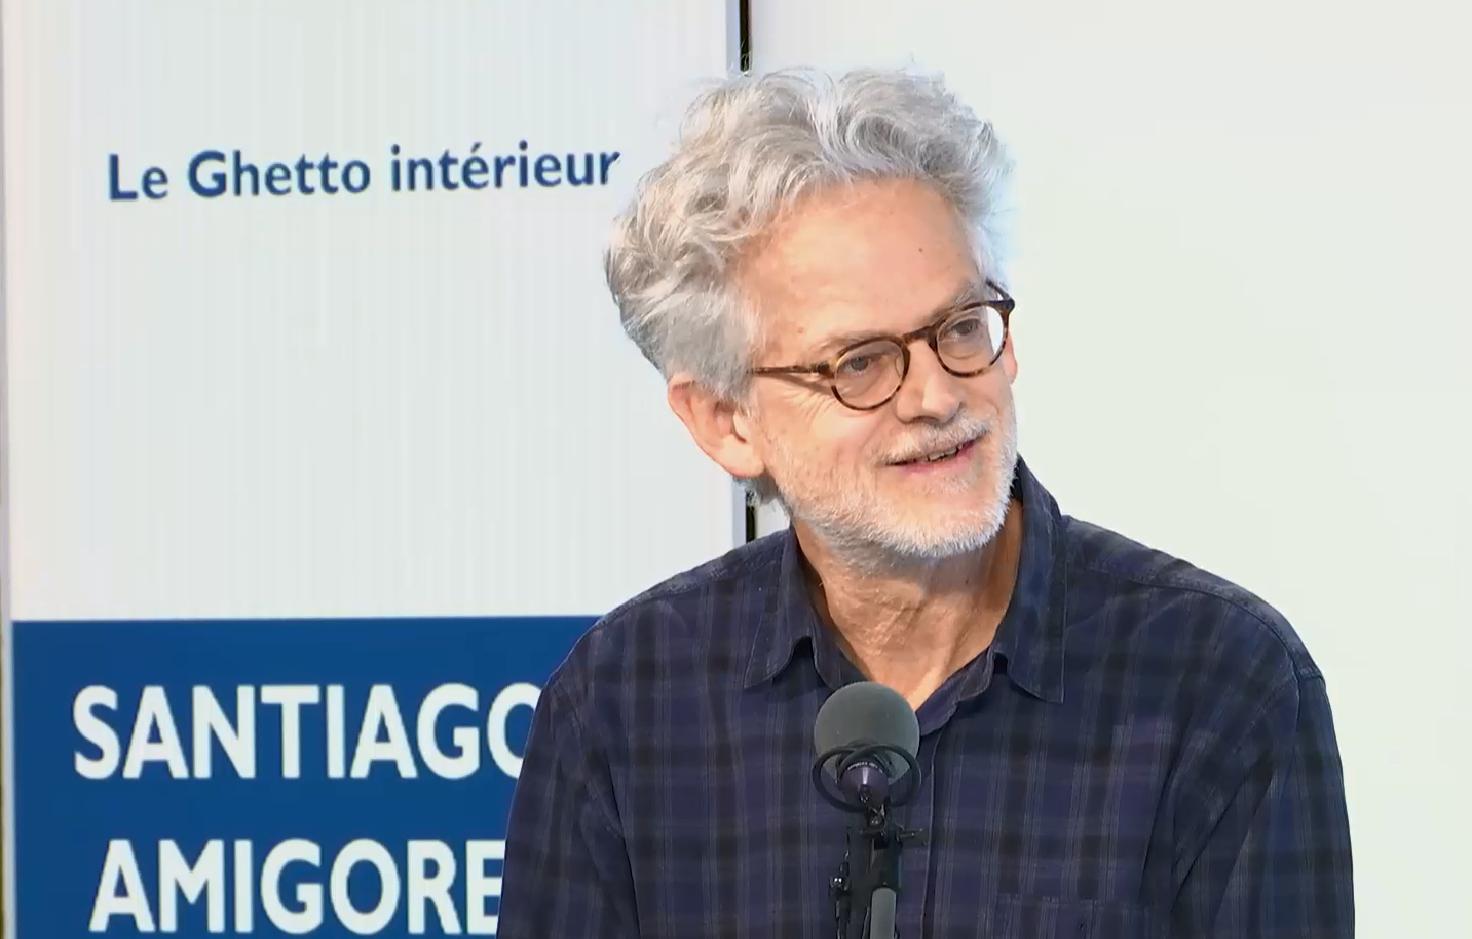 El escritor Santiago H. Amigorena en el programa de Escala en París de RFI y France24.